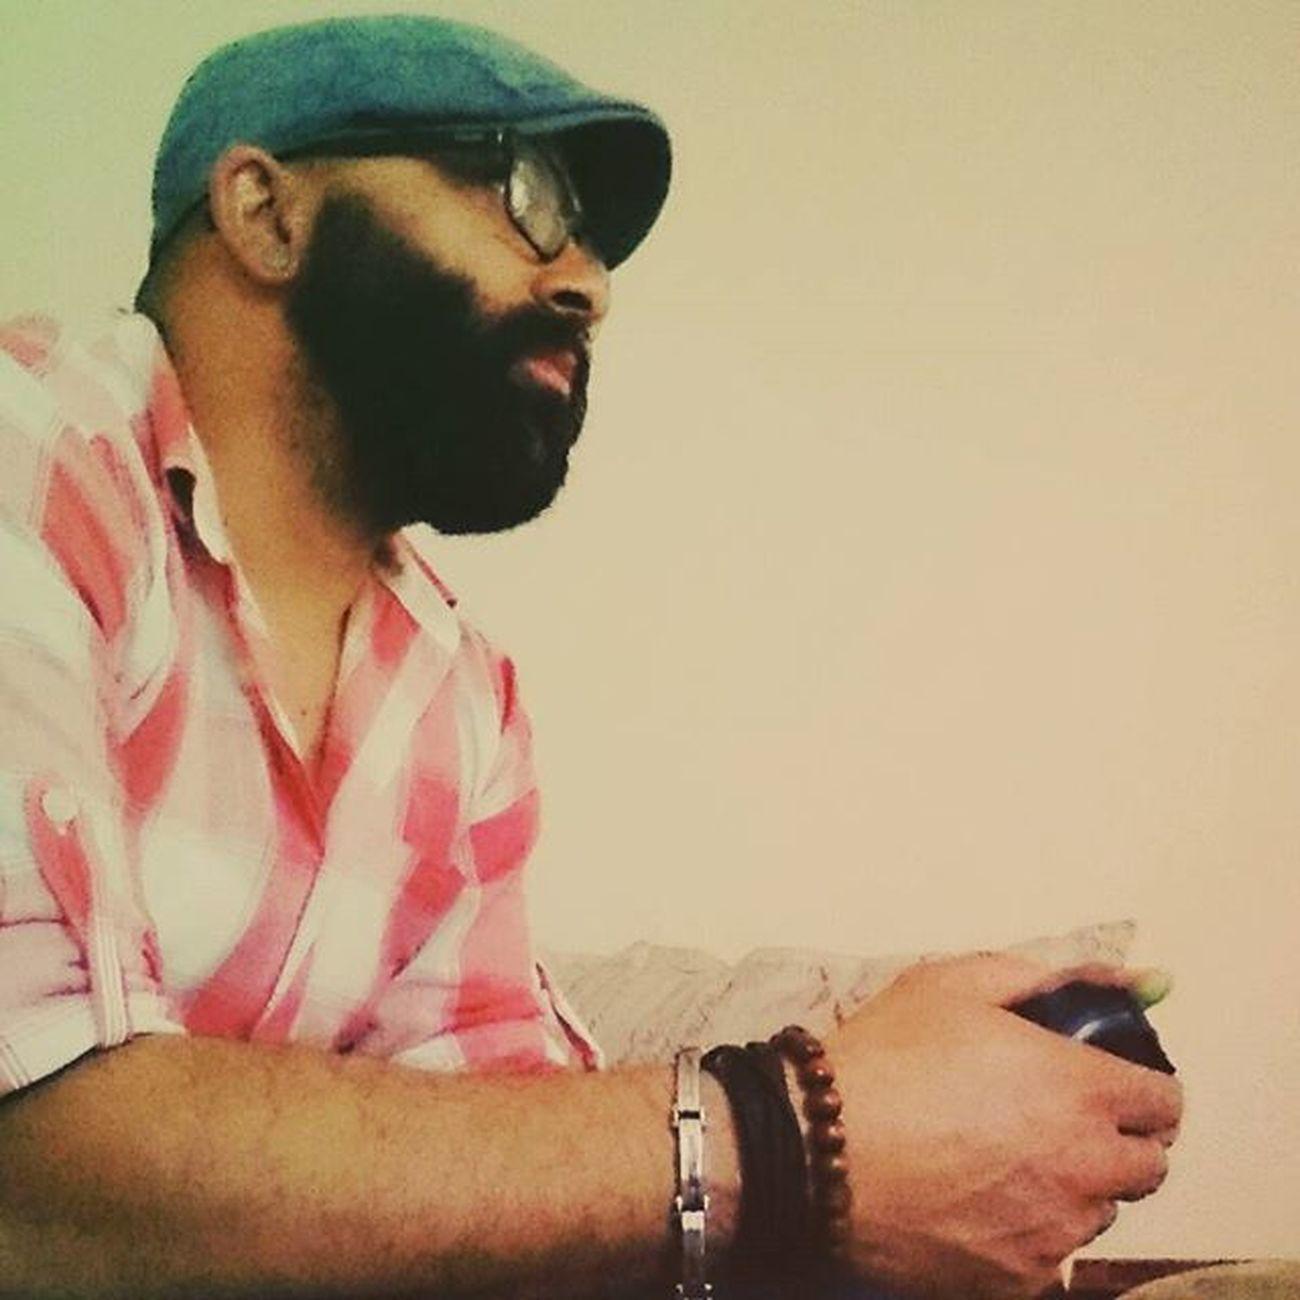 GameFace Beardedgamer Beardsandbeers Beards Beardedlifestyle Beardgang Beardgang Pogonophilenation PS4 FarCry4 Gaming Sundaychillday Castlelite Checkitout Sundaysisforchilling